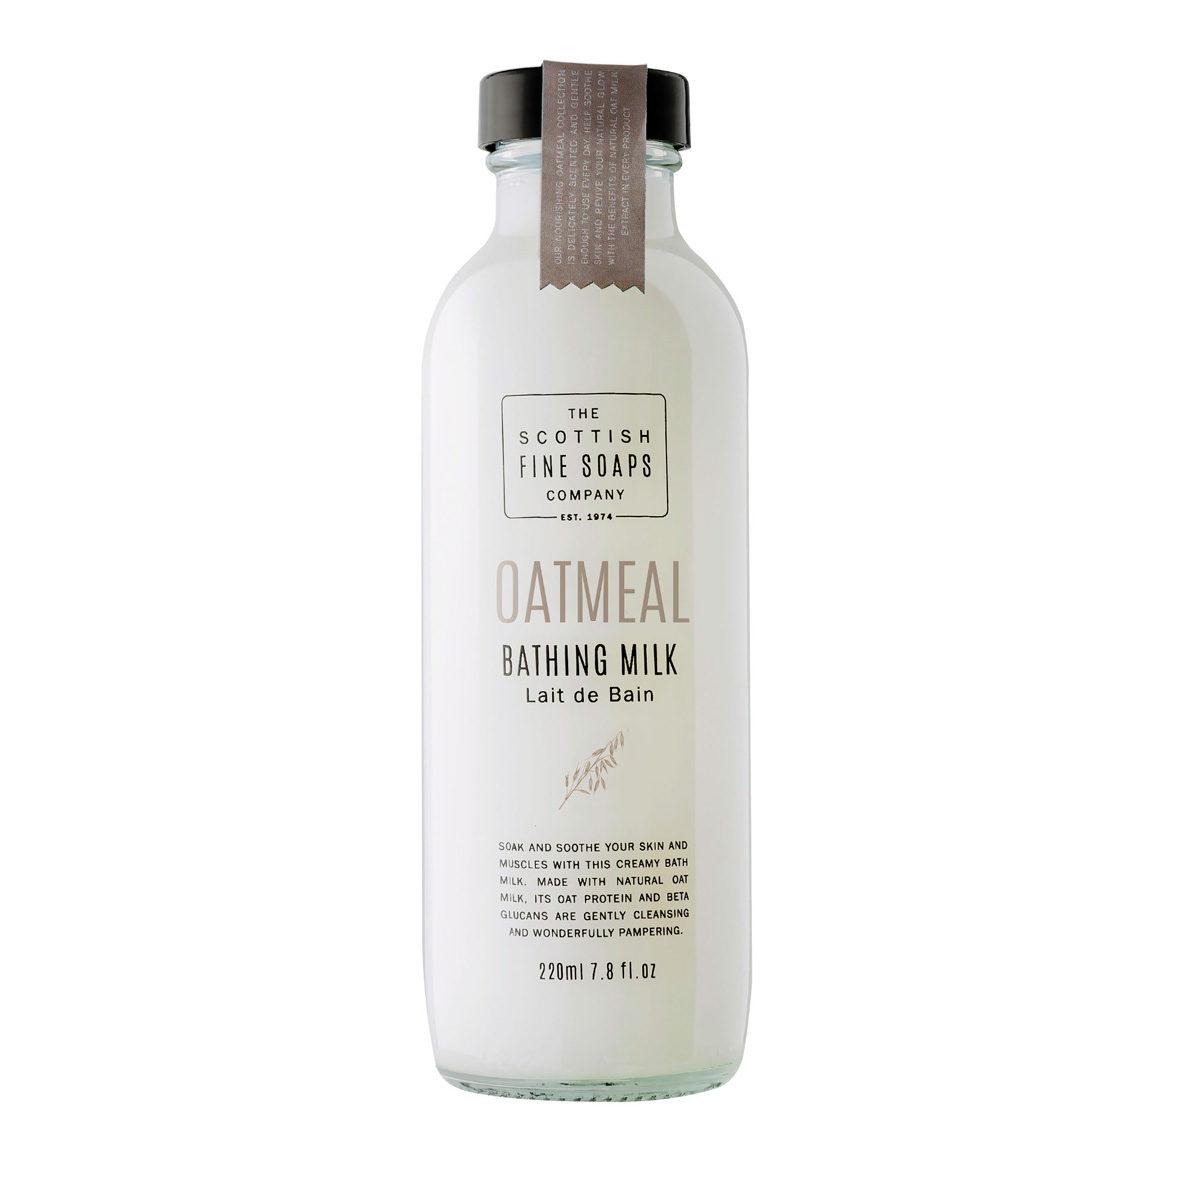 Oatmeal Bathing Milk